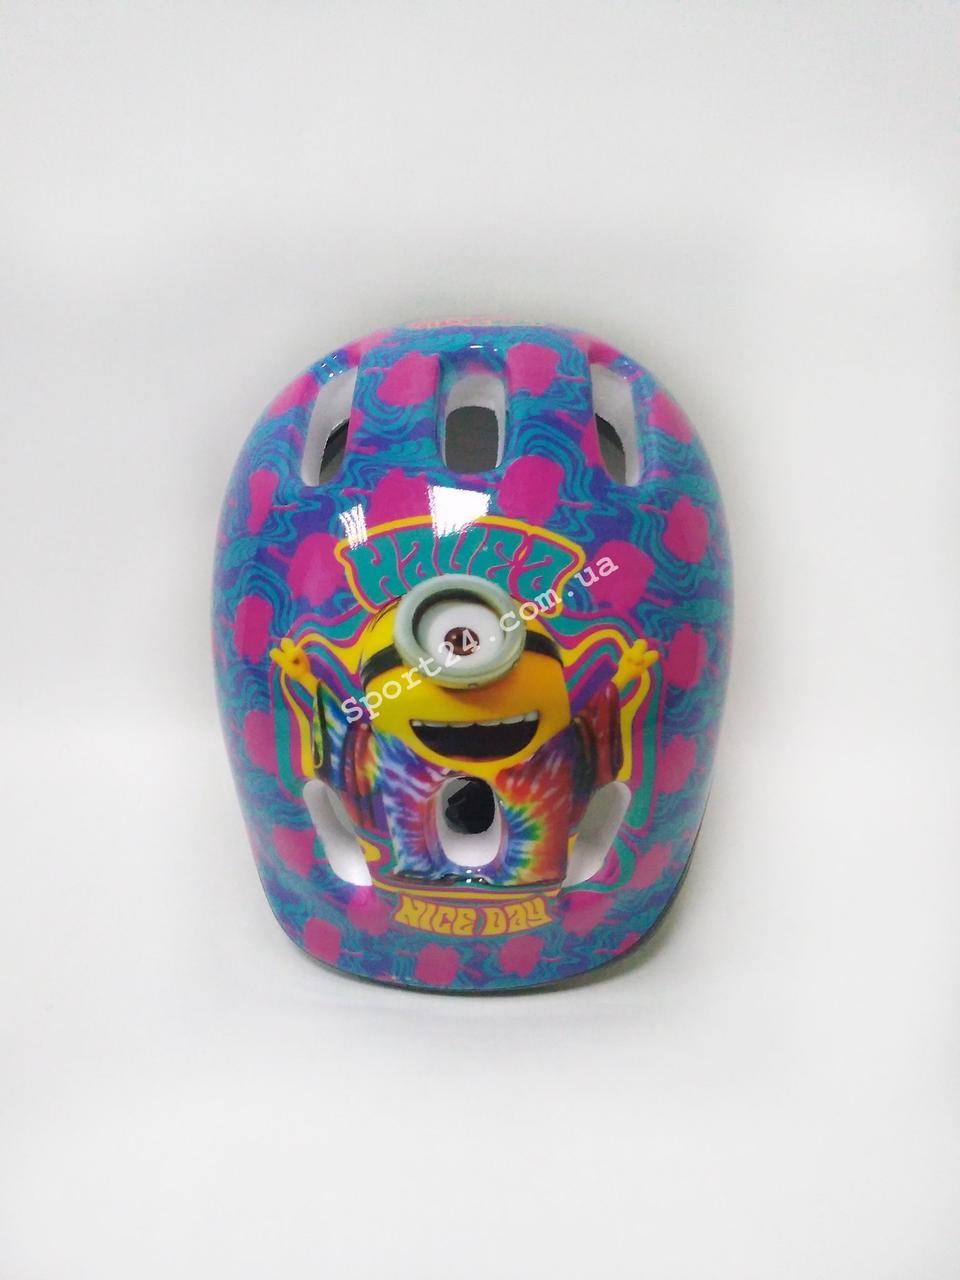 Защитный шлем для детей Миньон